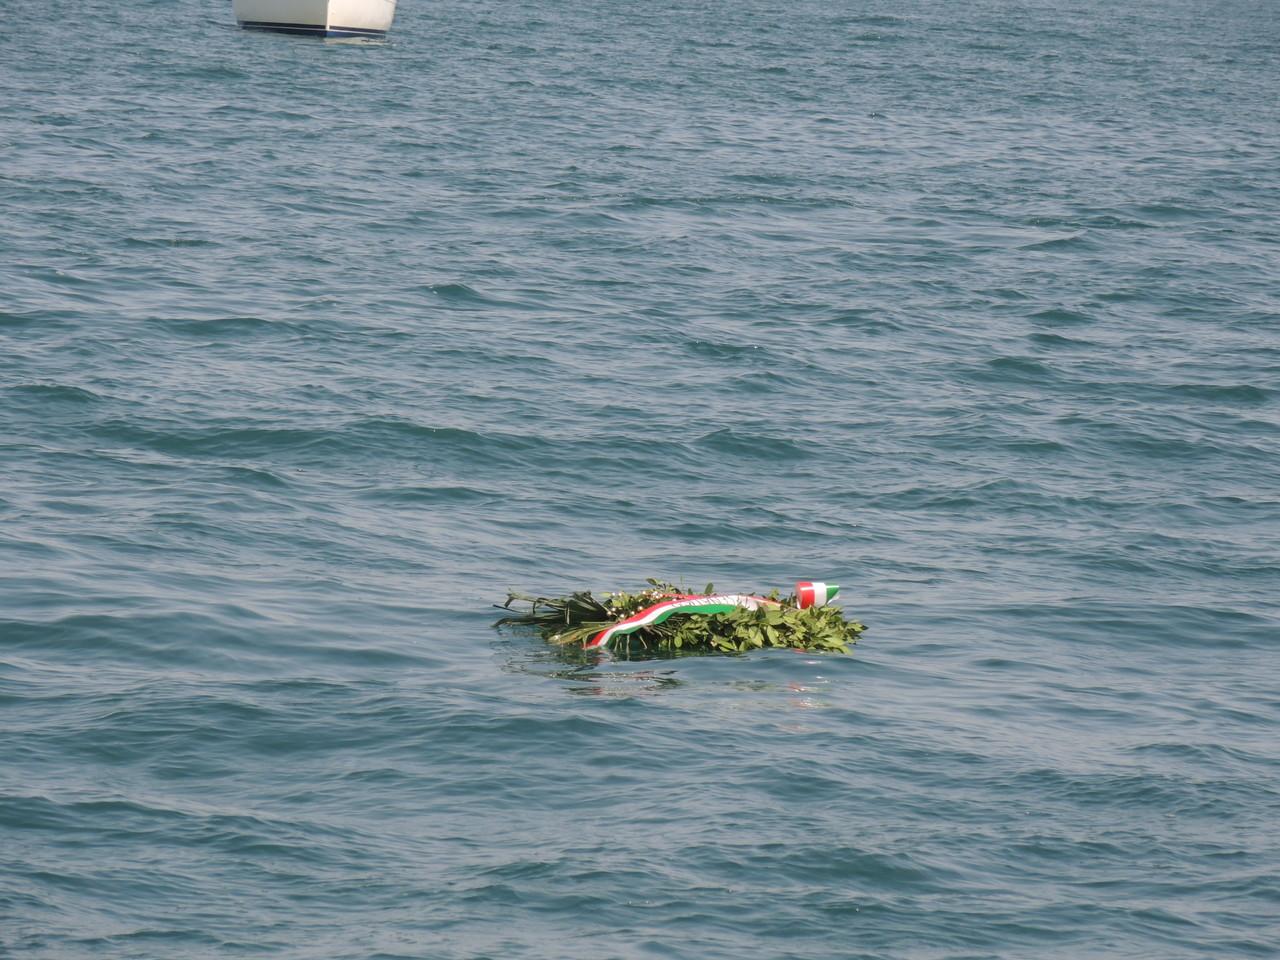 la corona in onore dei caduti in mare